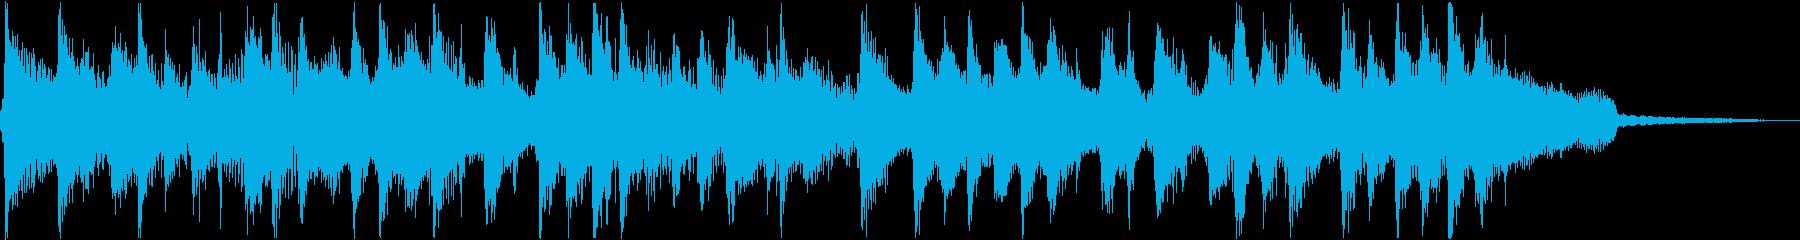 アニメ風の短いオープニング曲の再生済みの波形